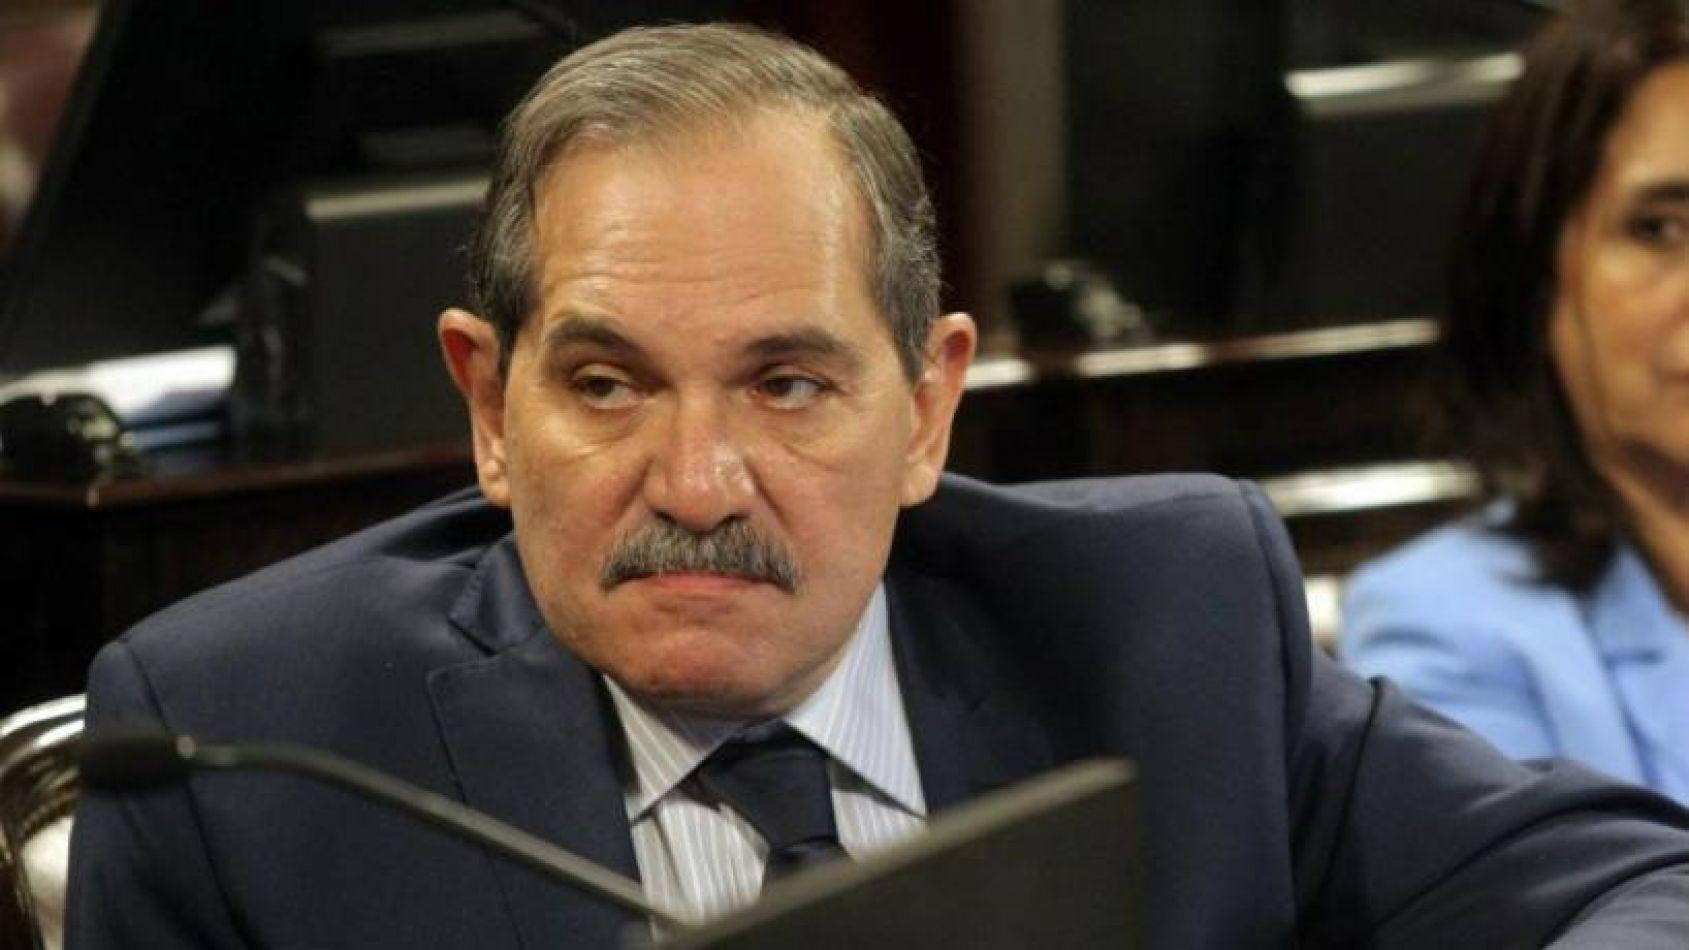 La denuncia por abuso sexual contra Alperovich se investigará en Tucumán y en Buenos Aires